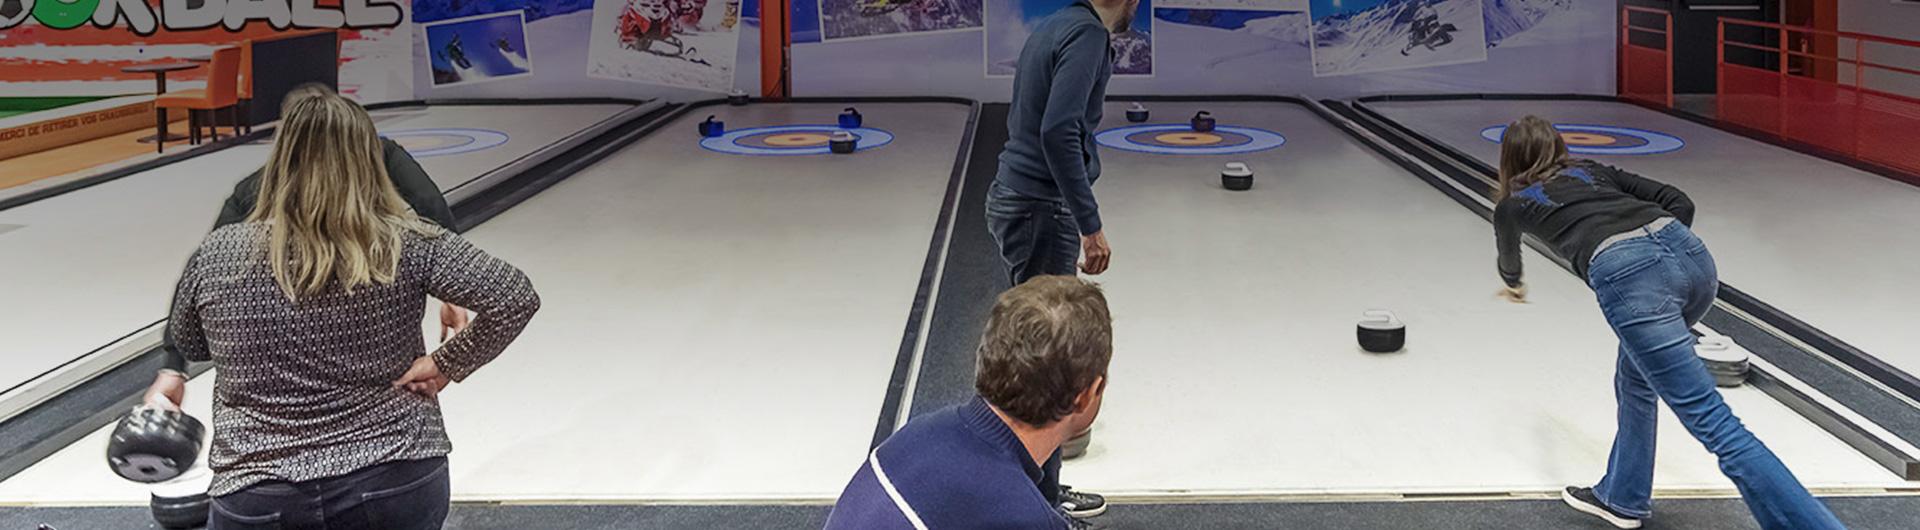 Pistas de curling sobre hielo sintético Xtraice